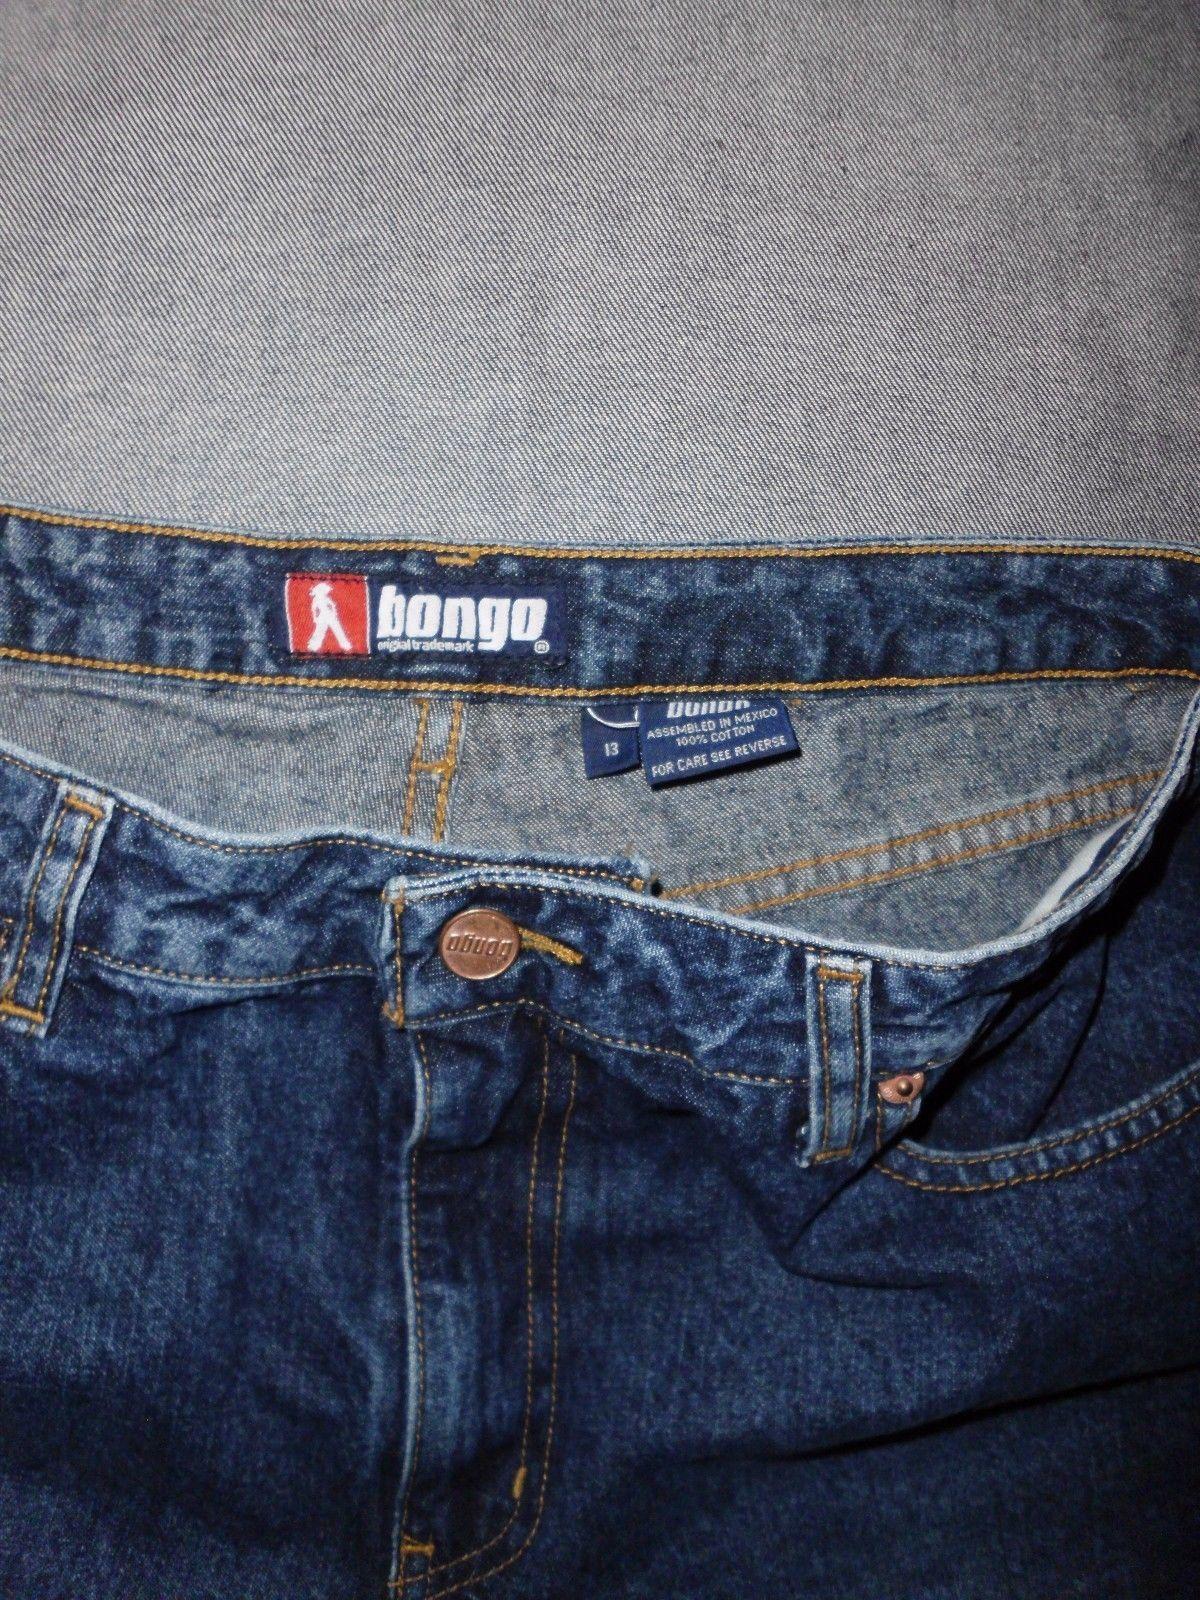 Vintage Bongo Jeans Boot Leg Size Junior 13